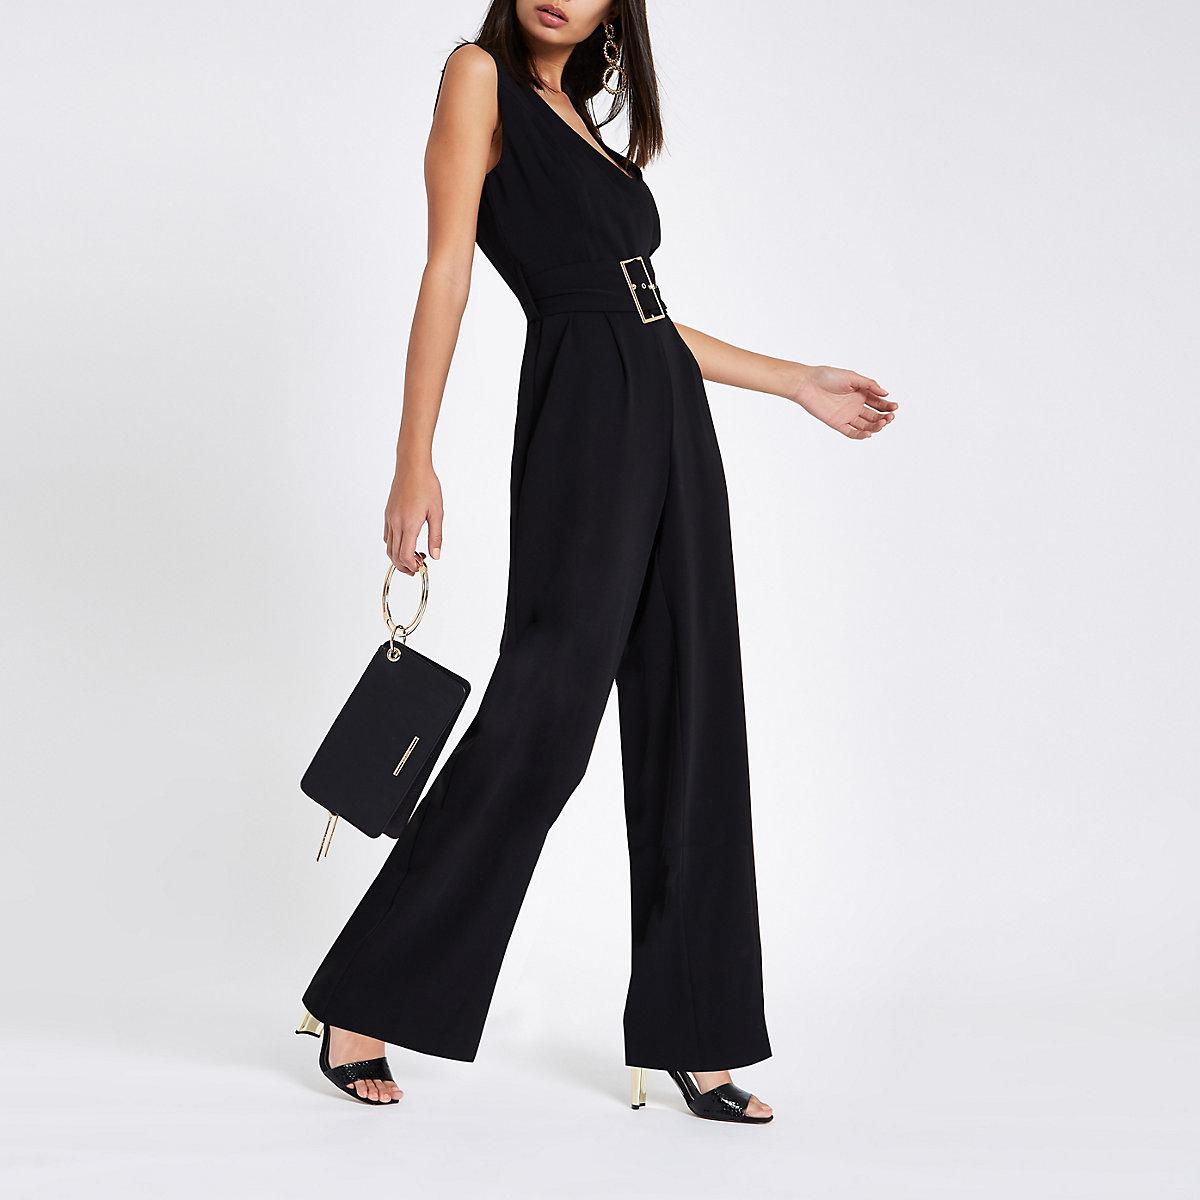 cae7c18f912 Black wide leg belted jumpsuit - Jumpsuits - Playsuits   Jumpsuits - women